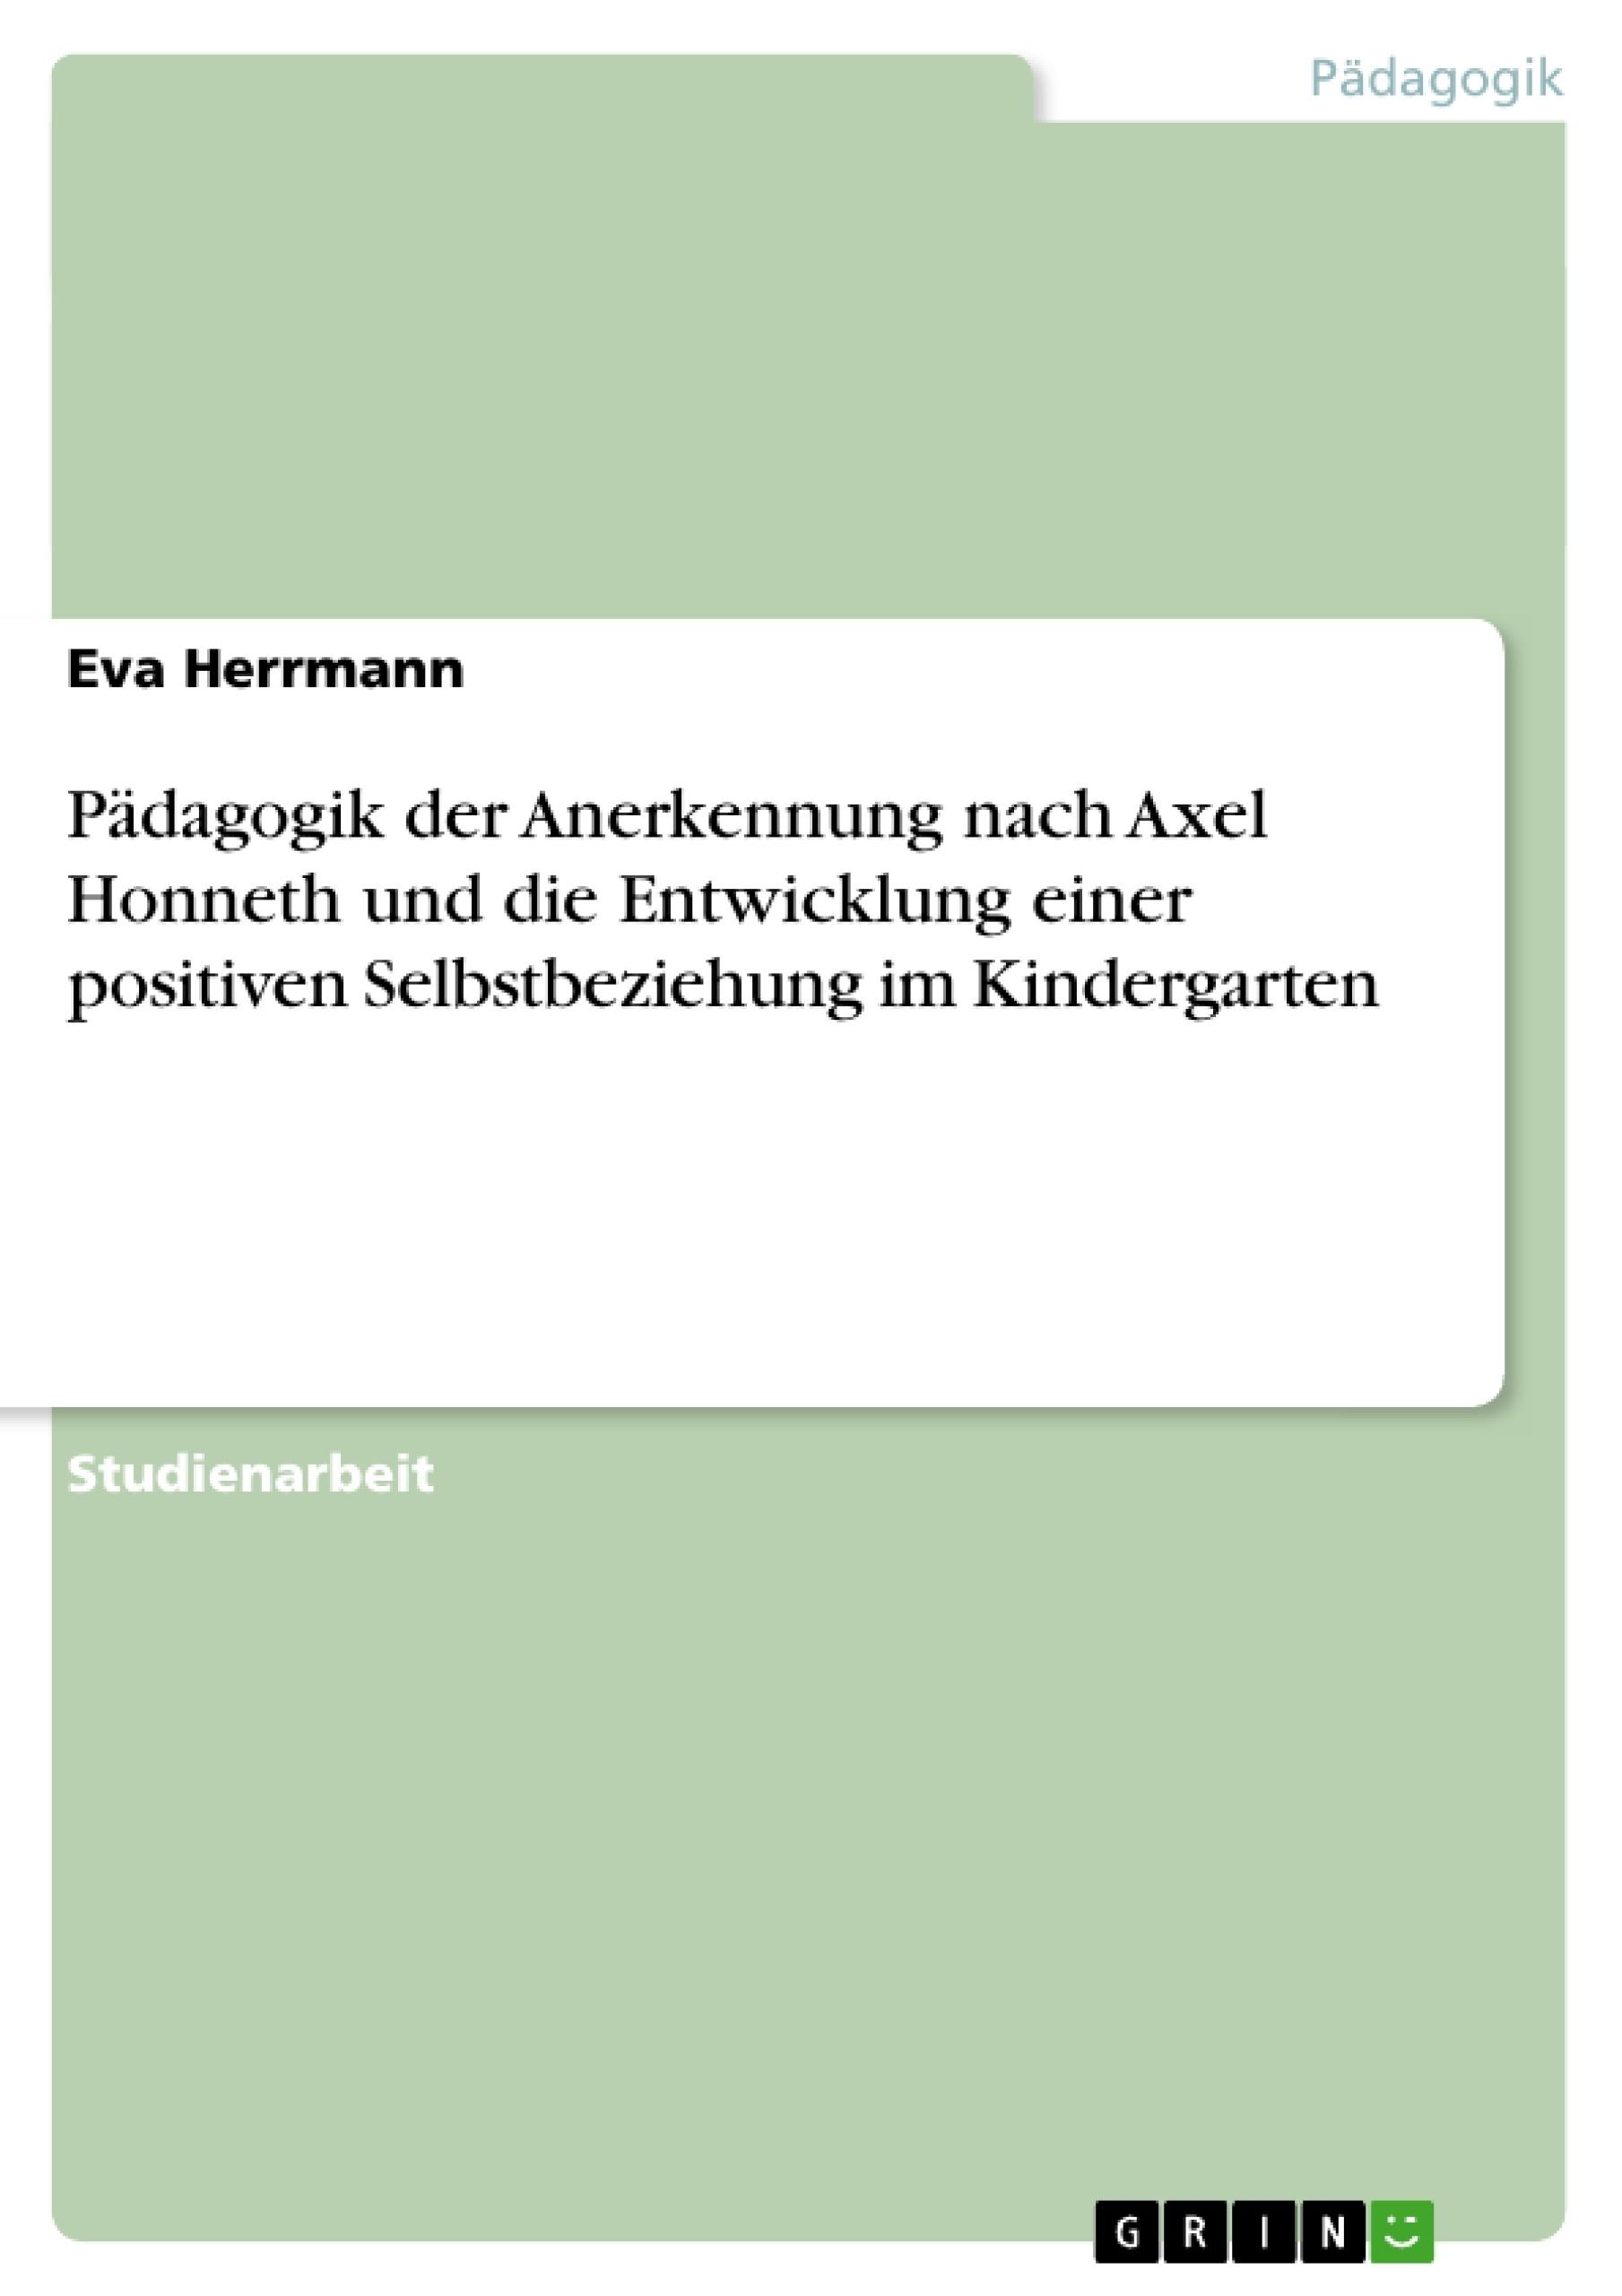 Titel: Pädagogik der Anerkennung nach Axel Honneth und die Entwicklung einer positiven Selbstbeziehung im Kindergarten